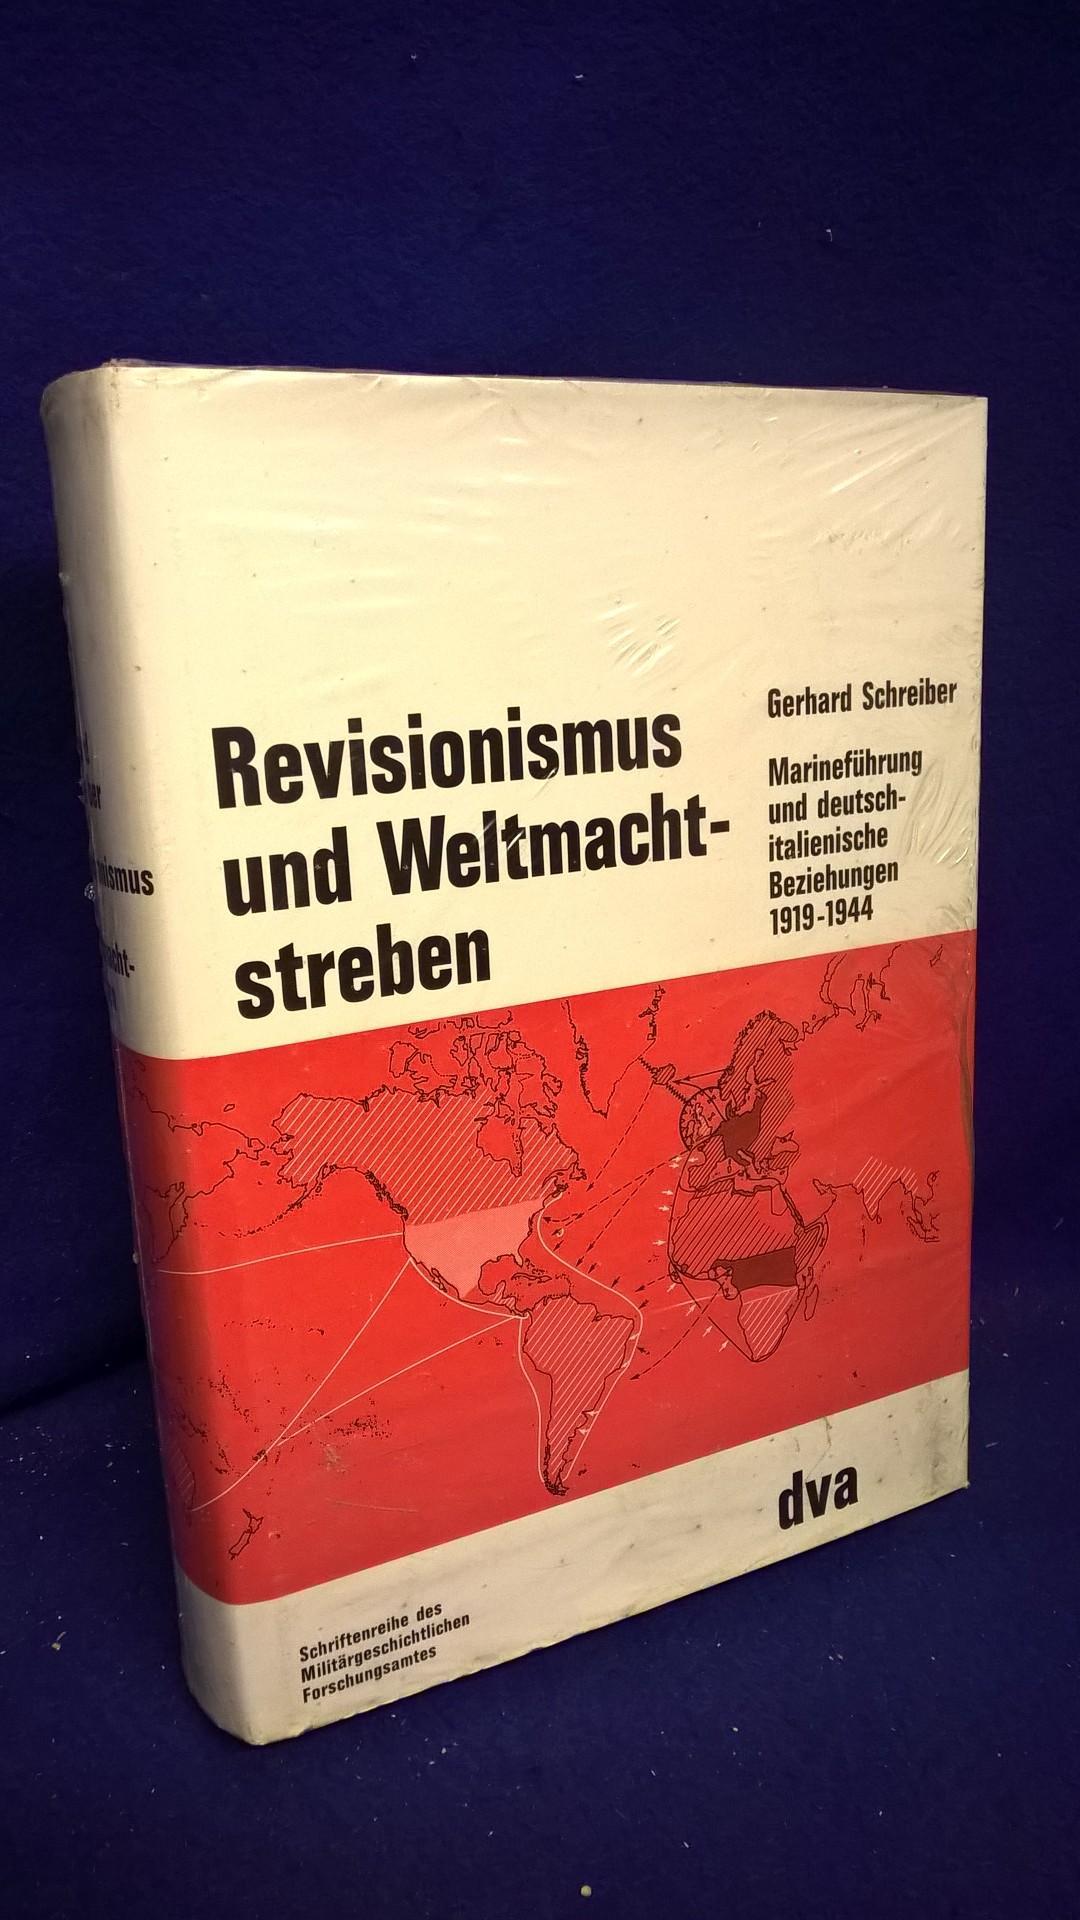 Revisionismus und Weltmachtstreben. Marineführung und deutsch-italienische Beziehungen 1919 bis 1944. Beiträge zur Militär- und Kriegsgeschichte